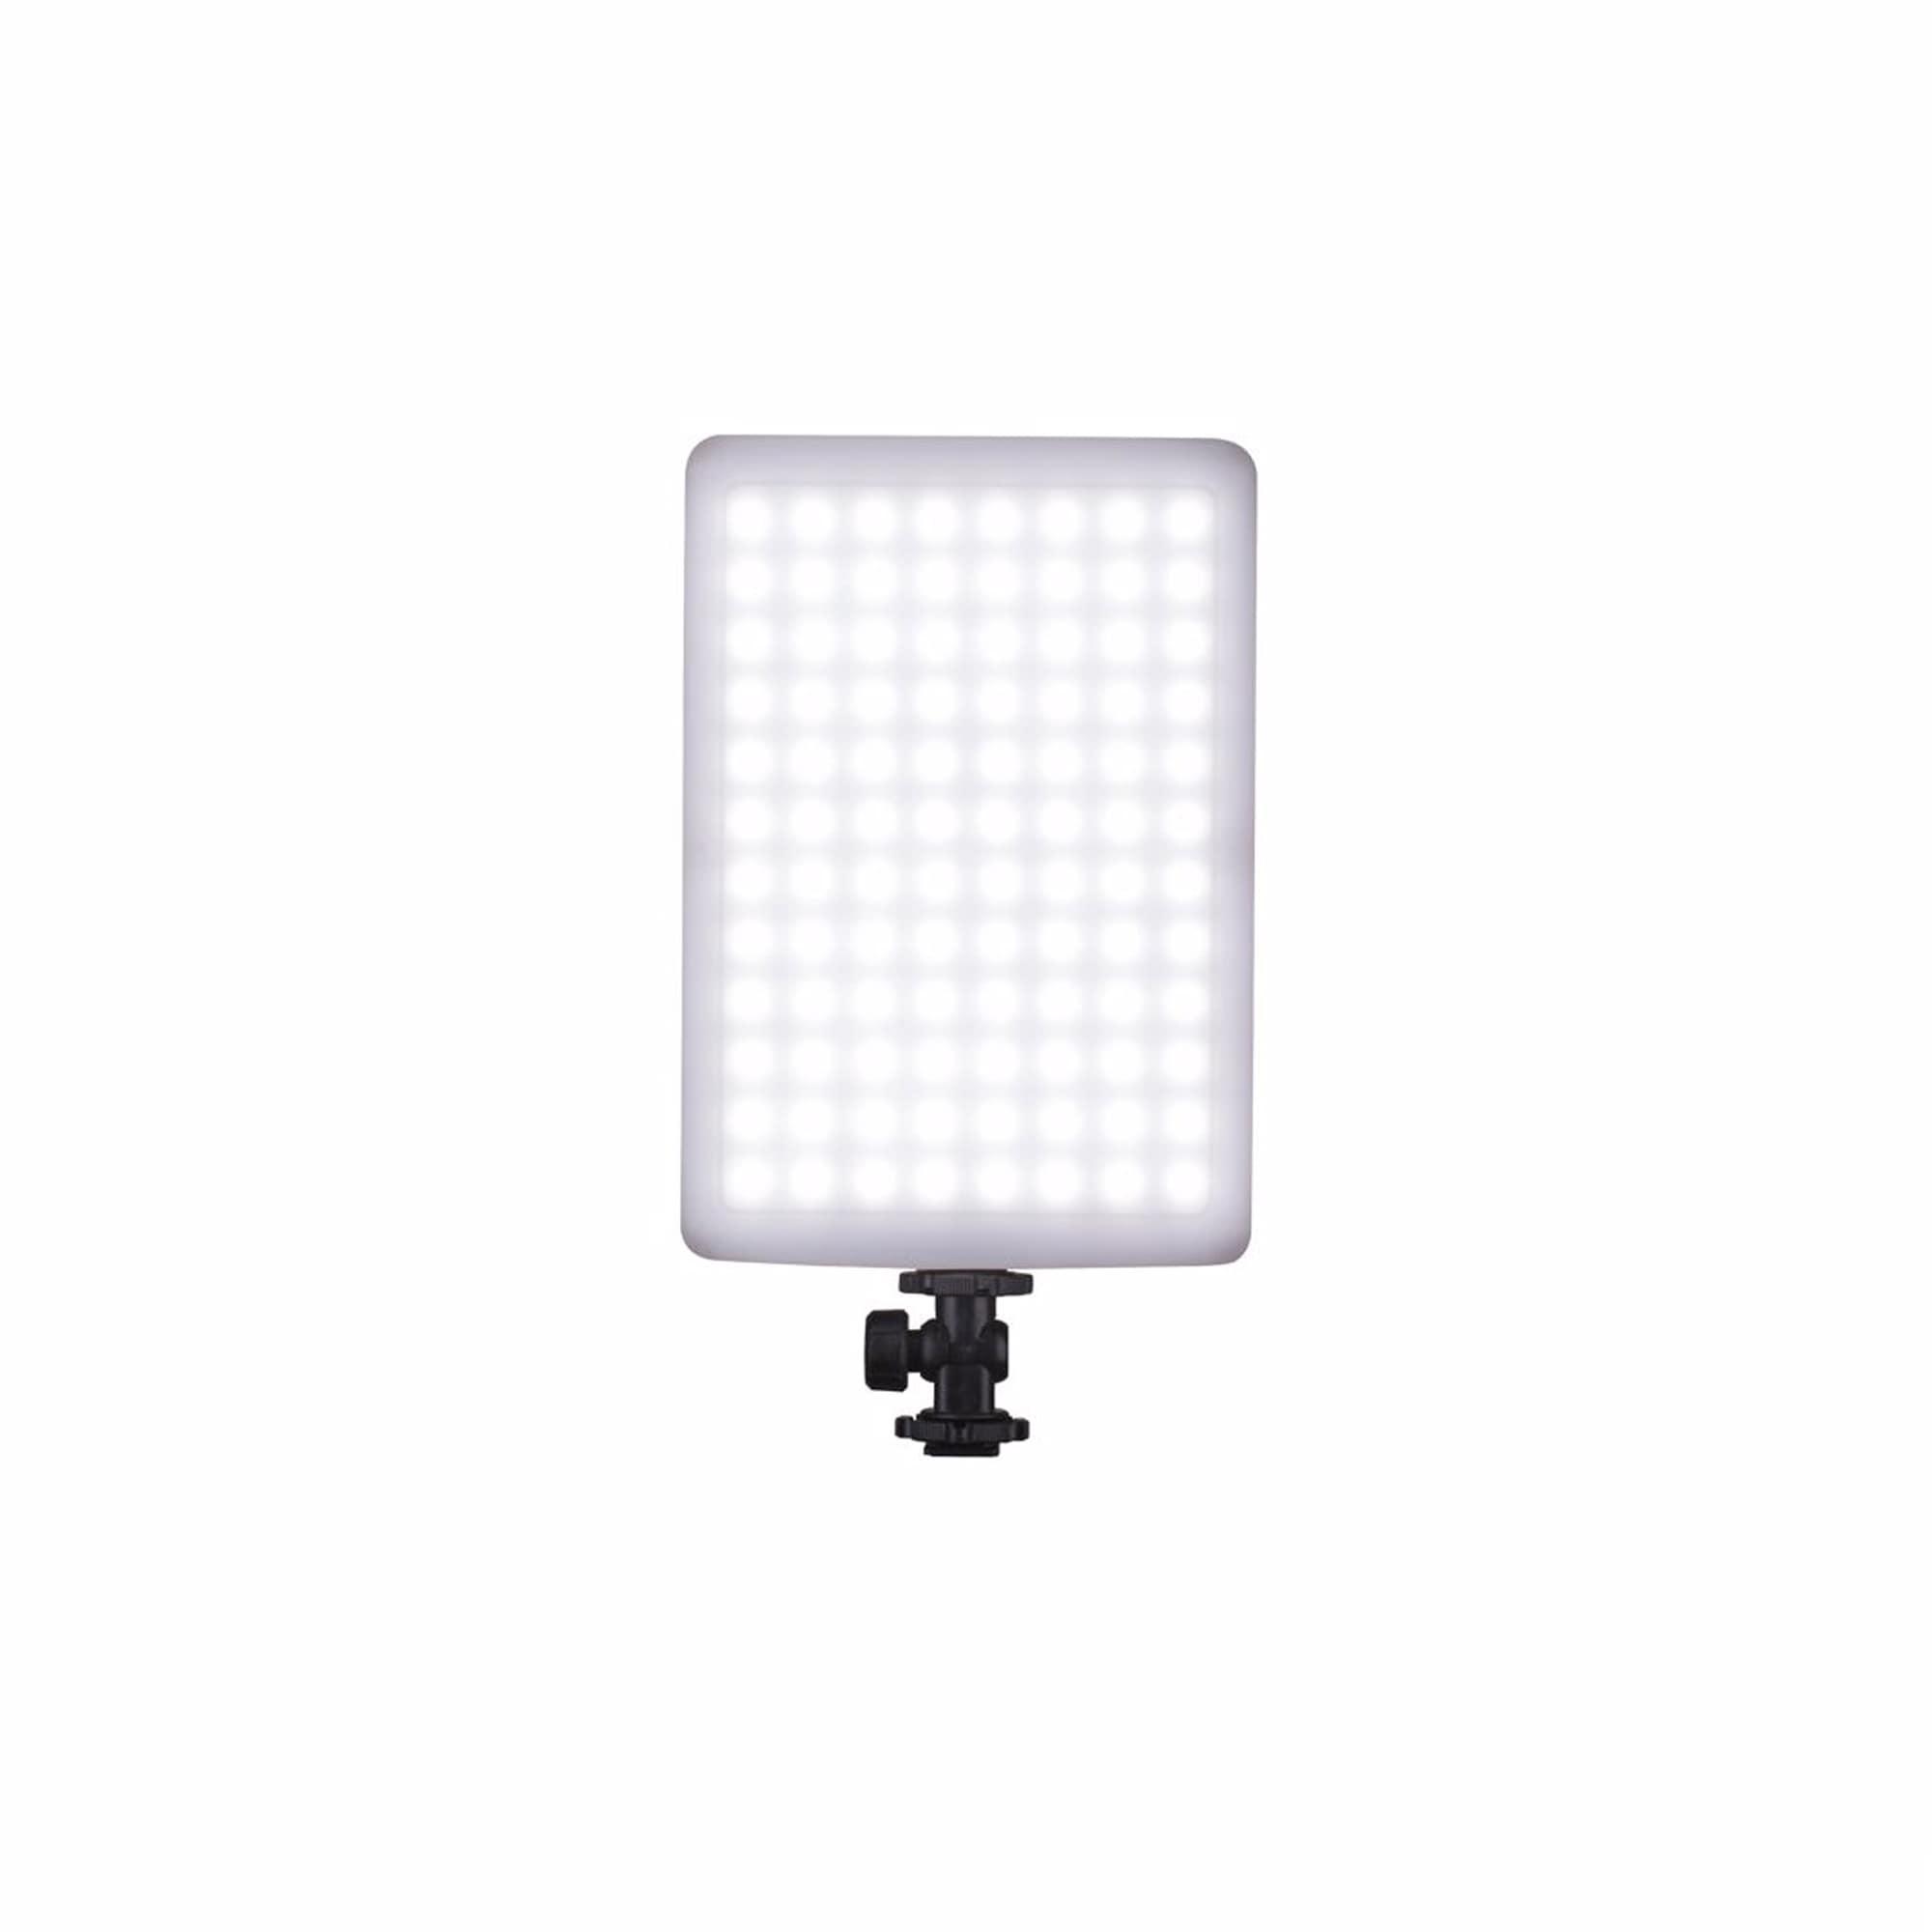 Nanlite Compac 20 3 Light Kit